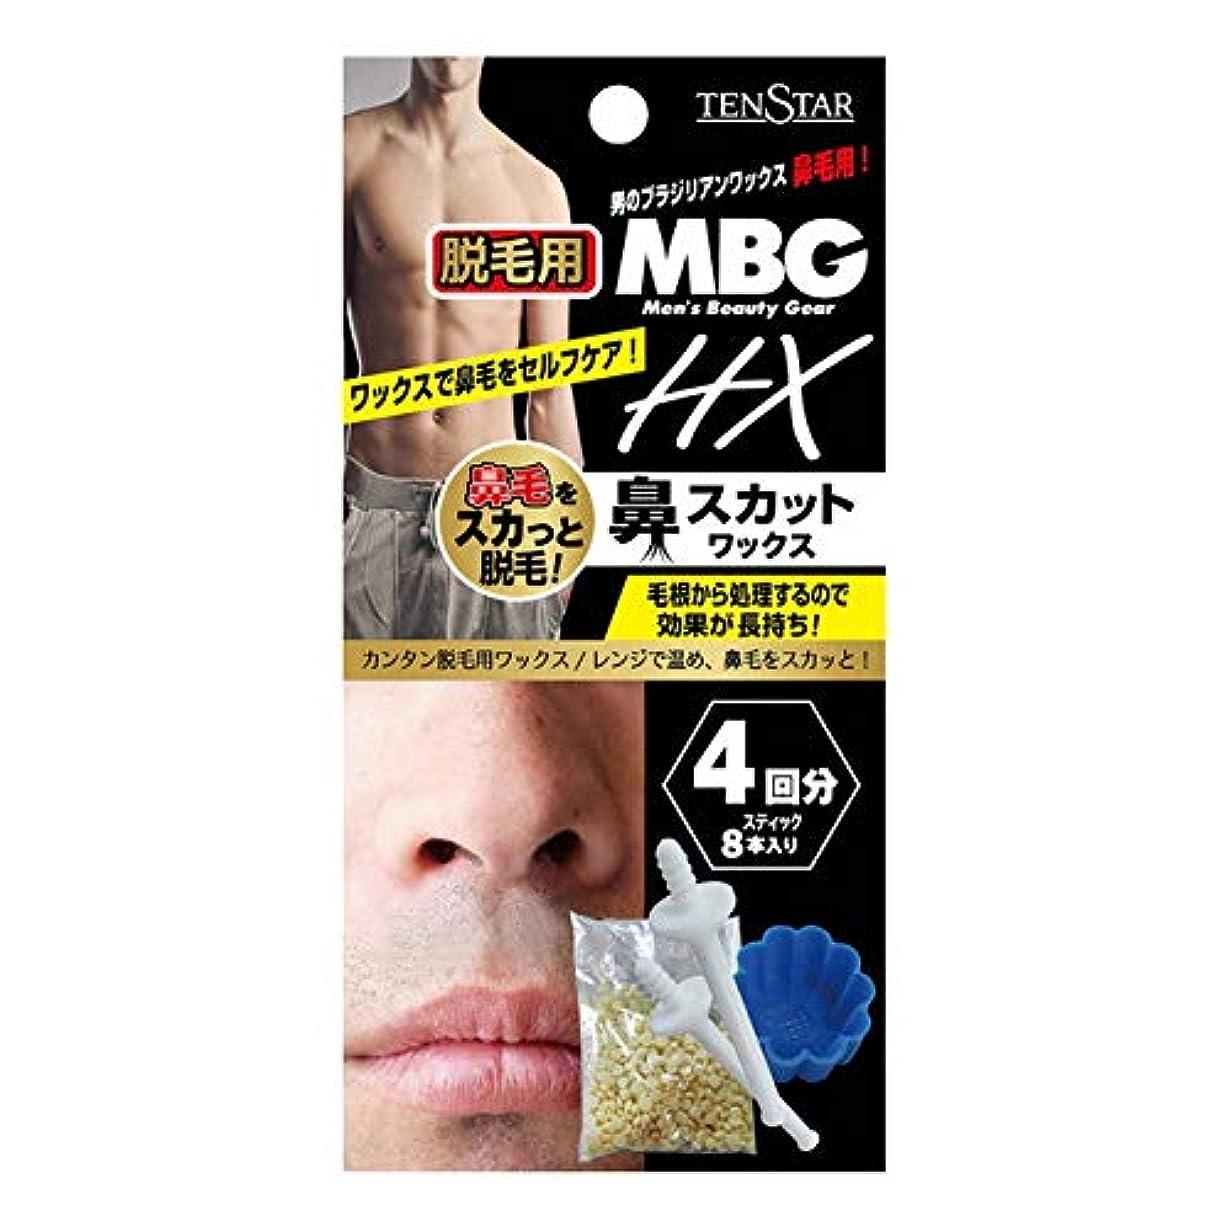 解放するアルネ疼痛MBG2-29 MBG HX鼻スカットワックス 20g